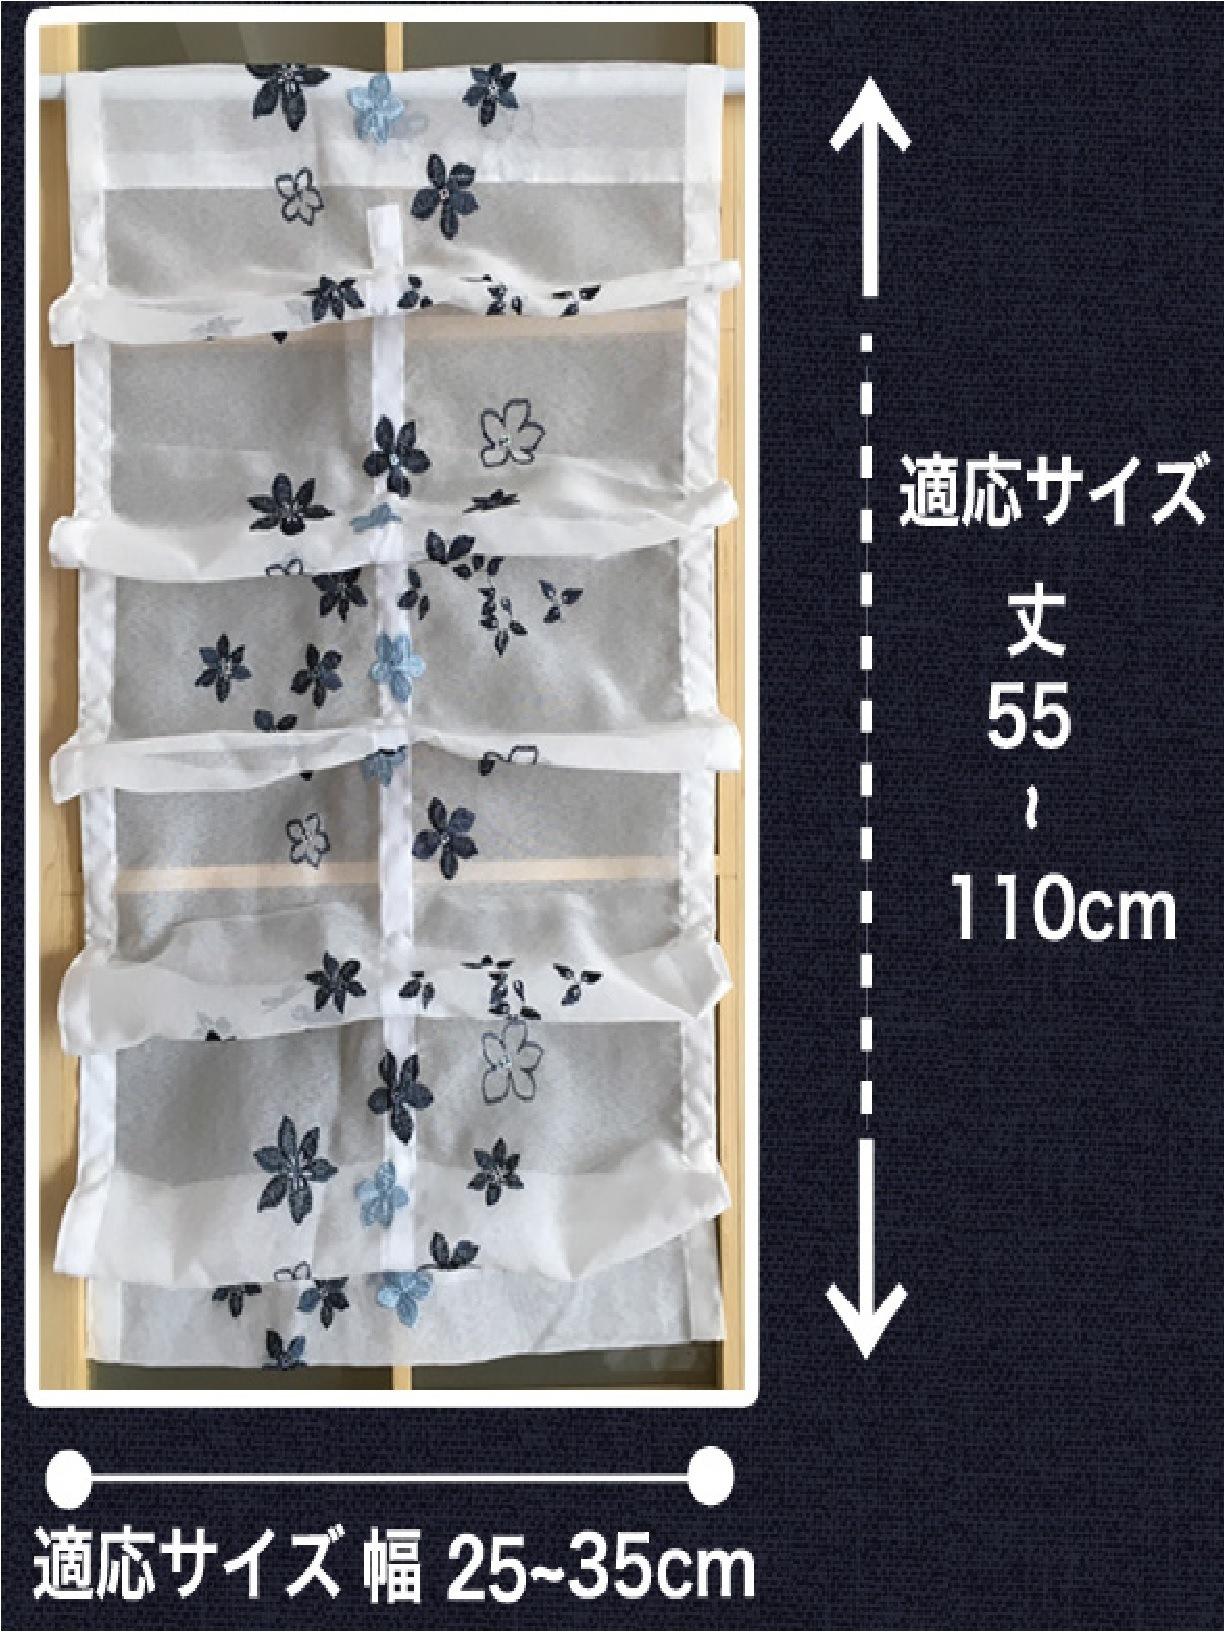 小窓 ボタン付きシェードカーテン 巾35x丈110cmプライバシー保護 北欧 おしゃれ 出窓